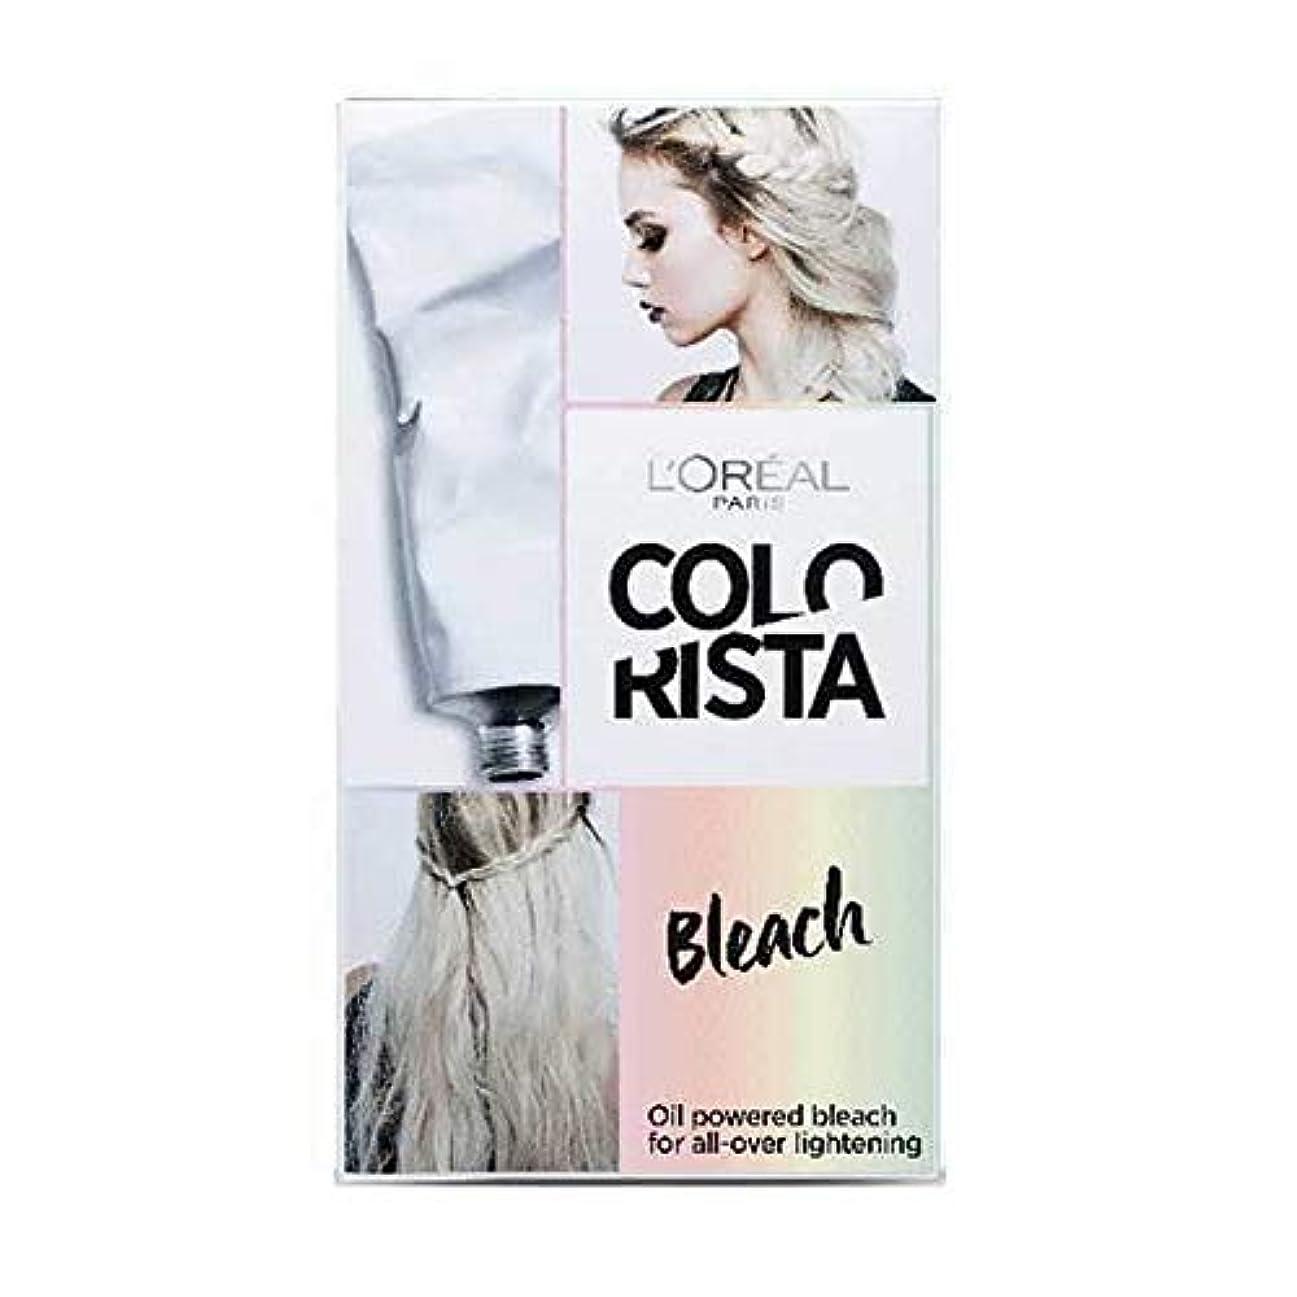 放射能春ブラザー[Colorista] Colorista効果ブリーチ毛 - Colorista Effect Bleach Hair [並行輸入品]